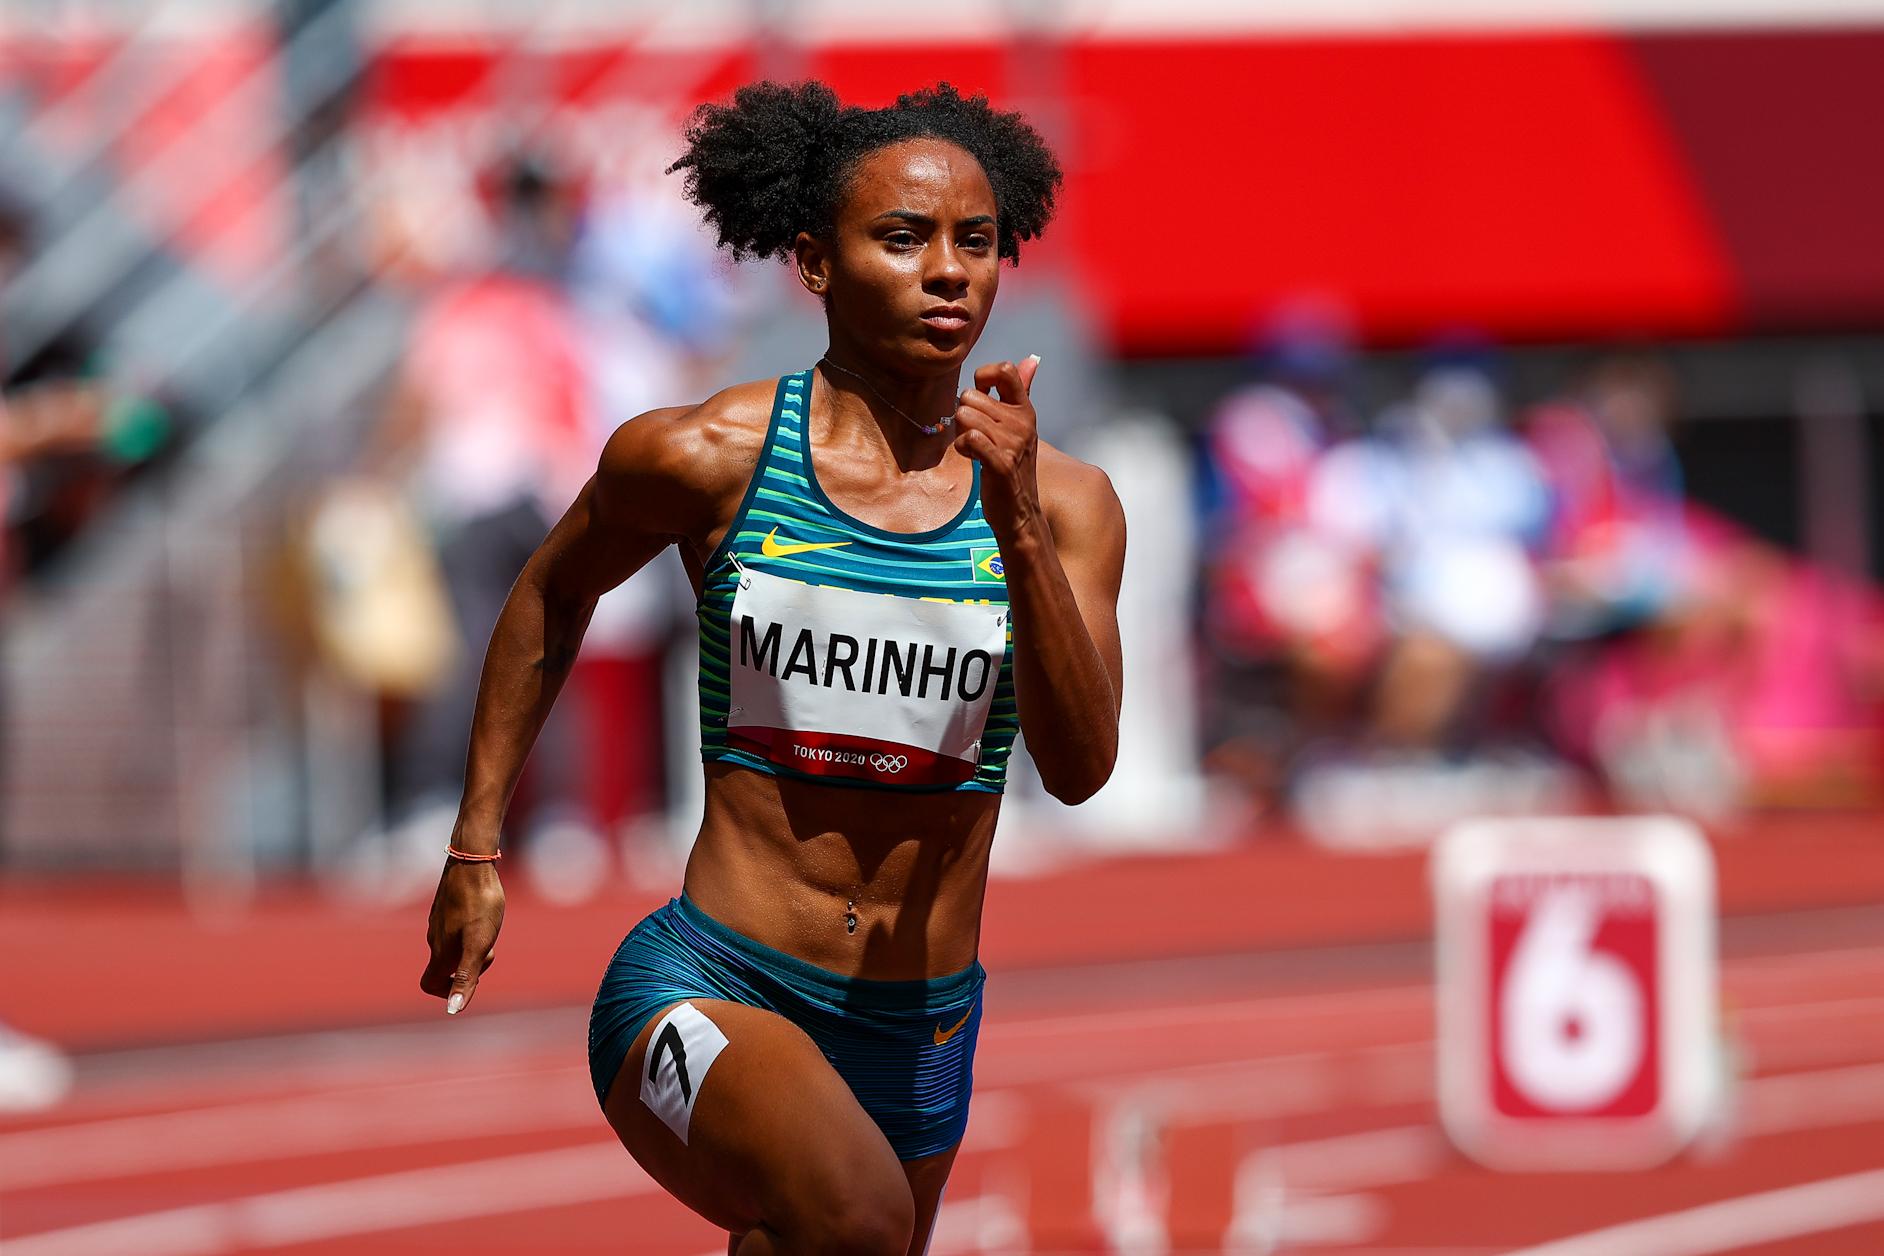 Alison dos Santos faz história e conquista o bronze nos Jogos de Tóquio